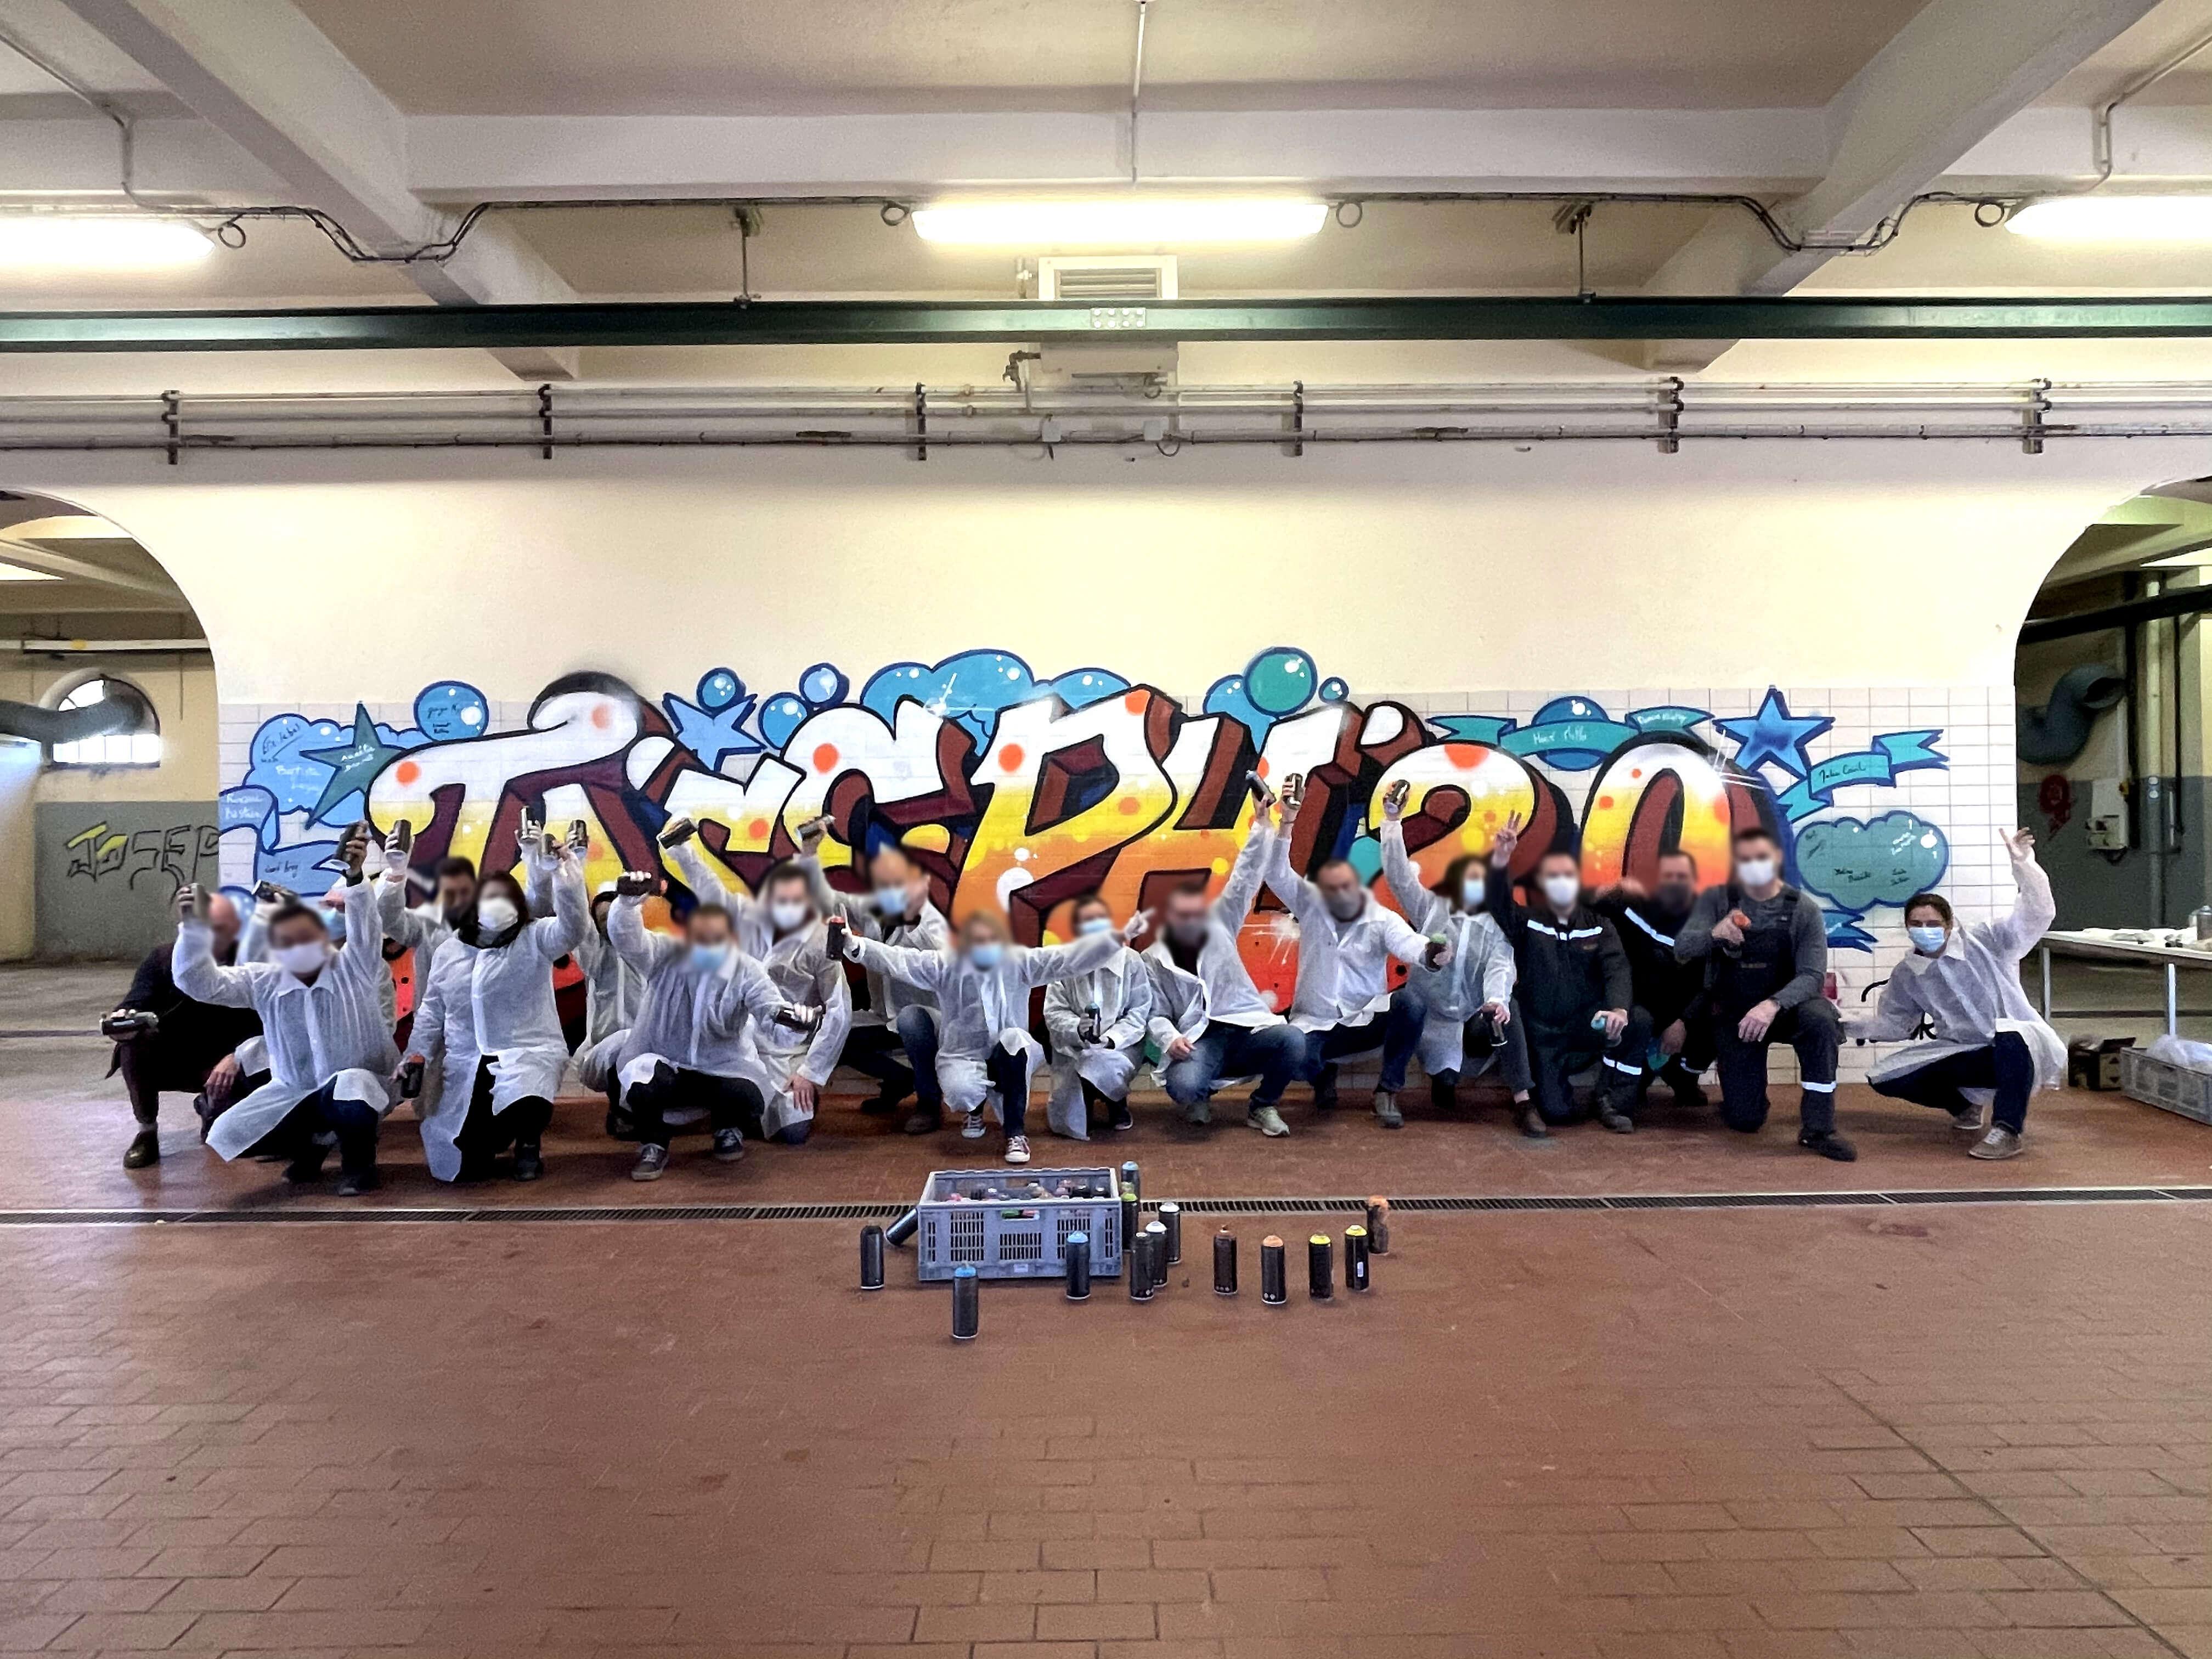 Groupe de personnes devant un graffiti